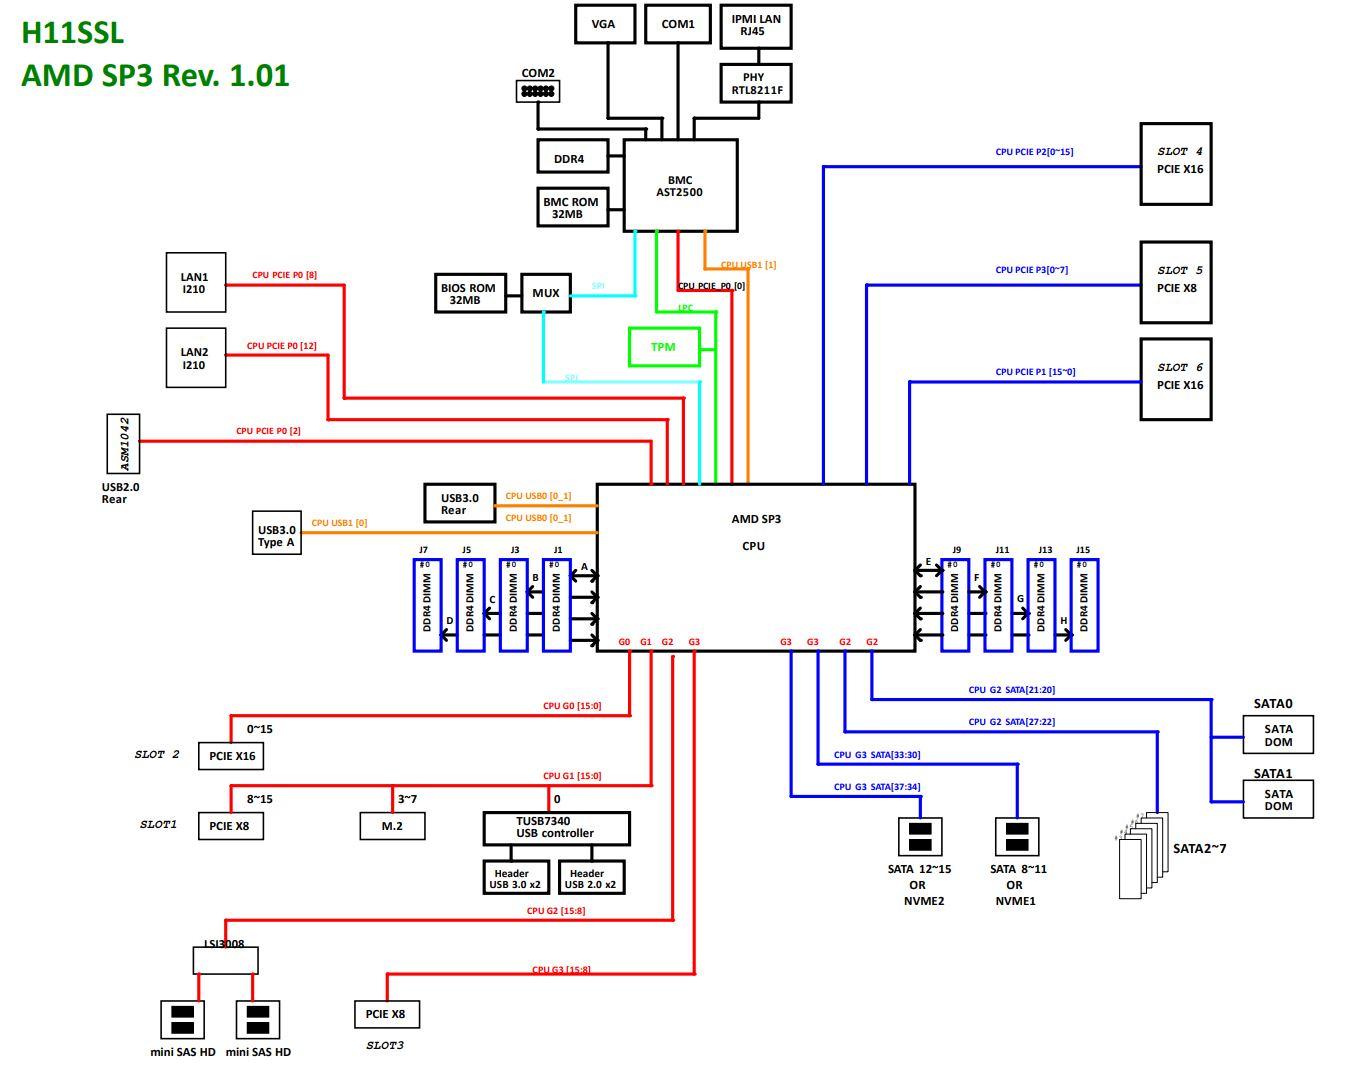 Supermicro H11SSL Block Diagramt